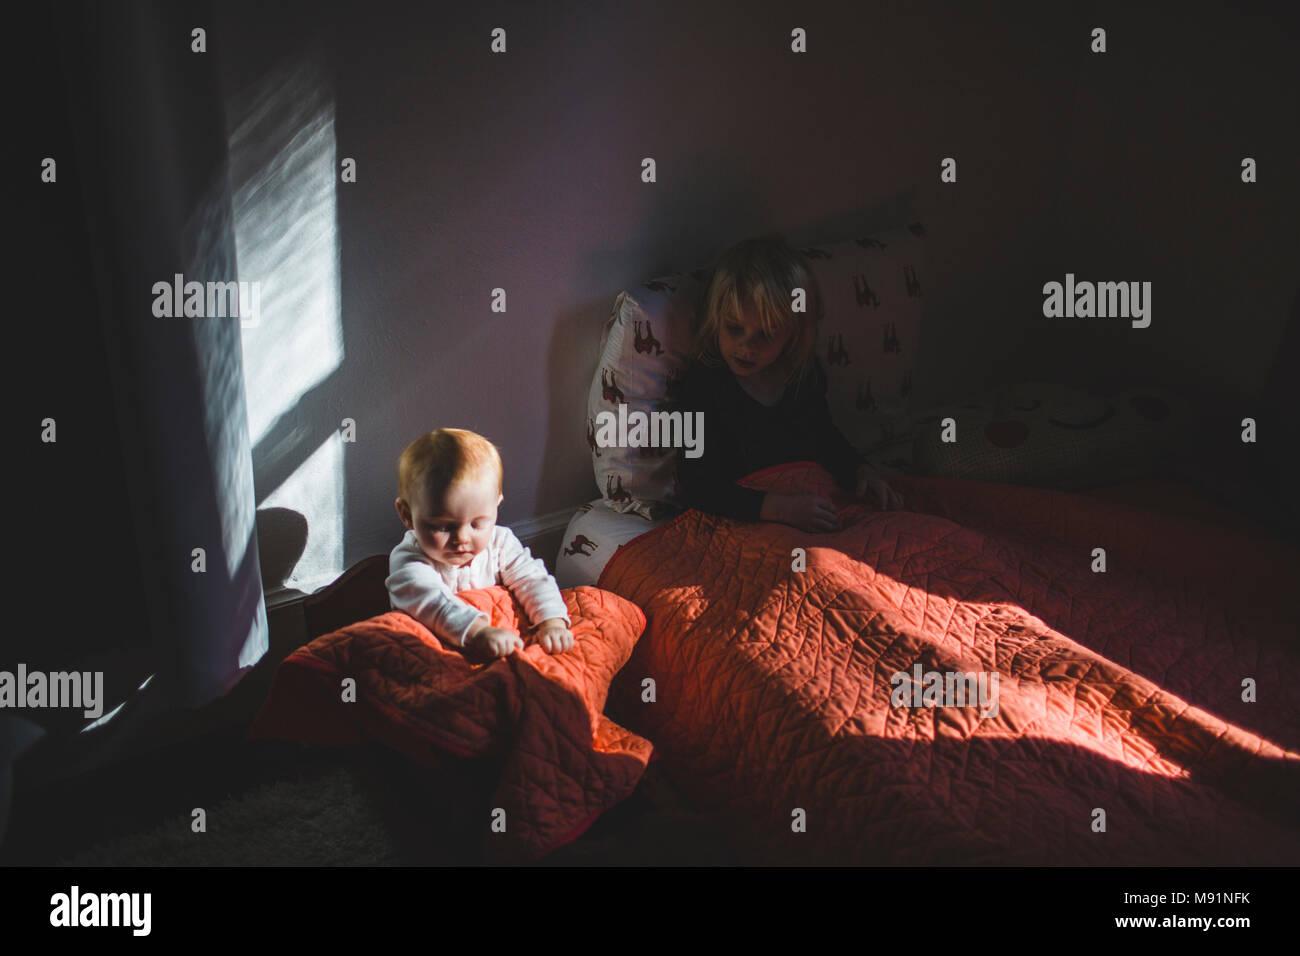 Bebe en Cuna babydoll impresionante luz moderna habitación de los niños Imagen De Stock